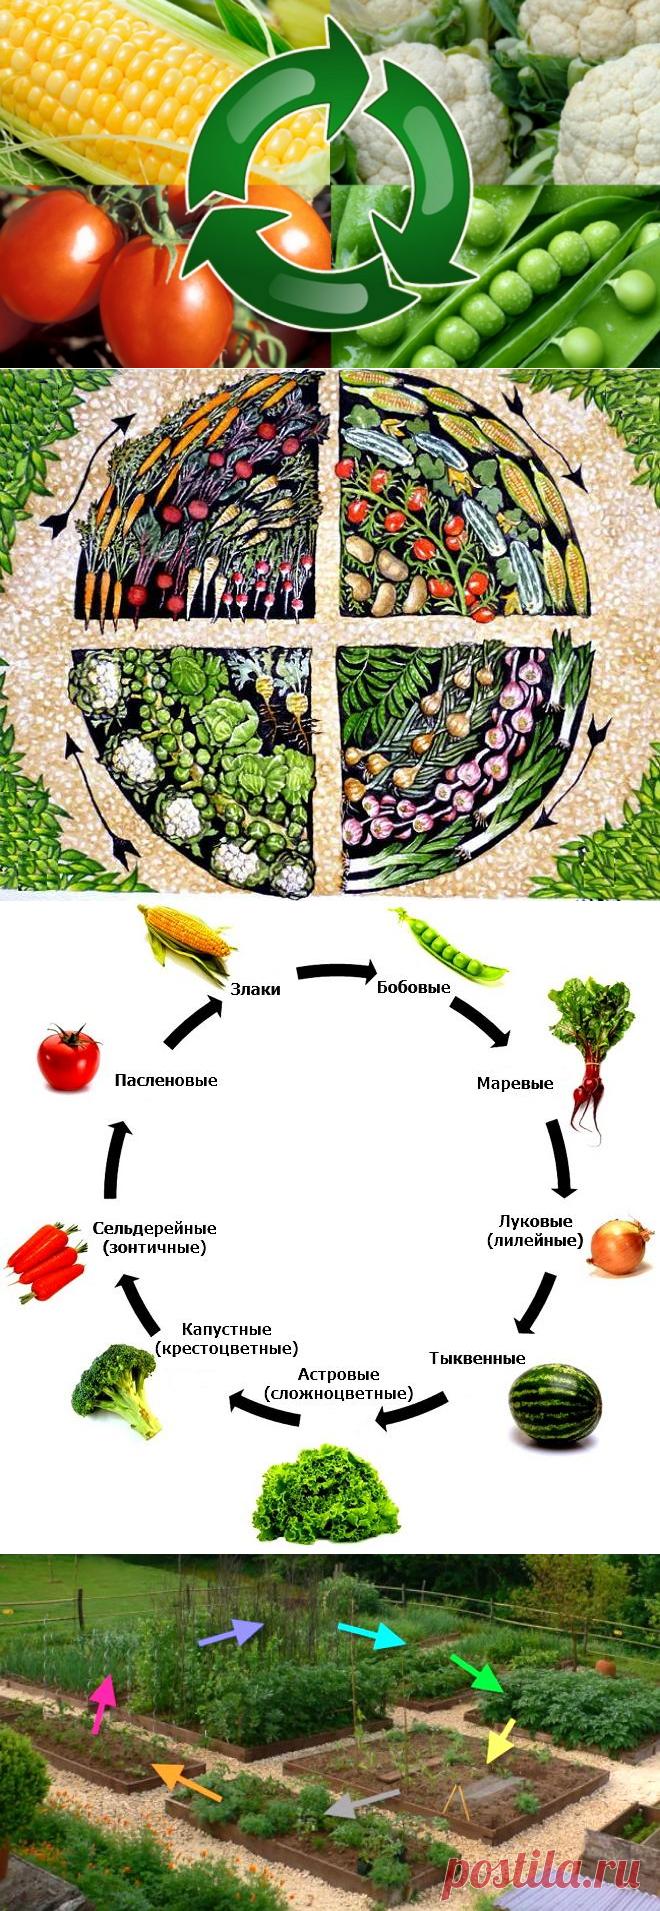 Севооборот, или Что после чего сажать в огороде | Дела огородные (Огород.ru)✔